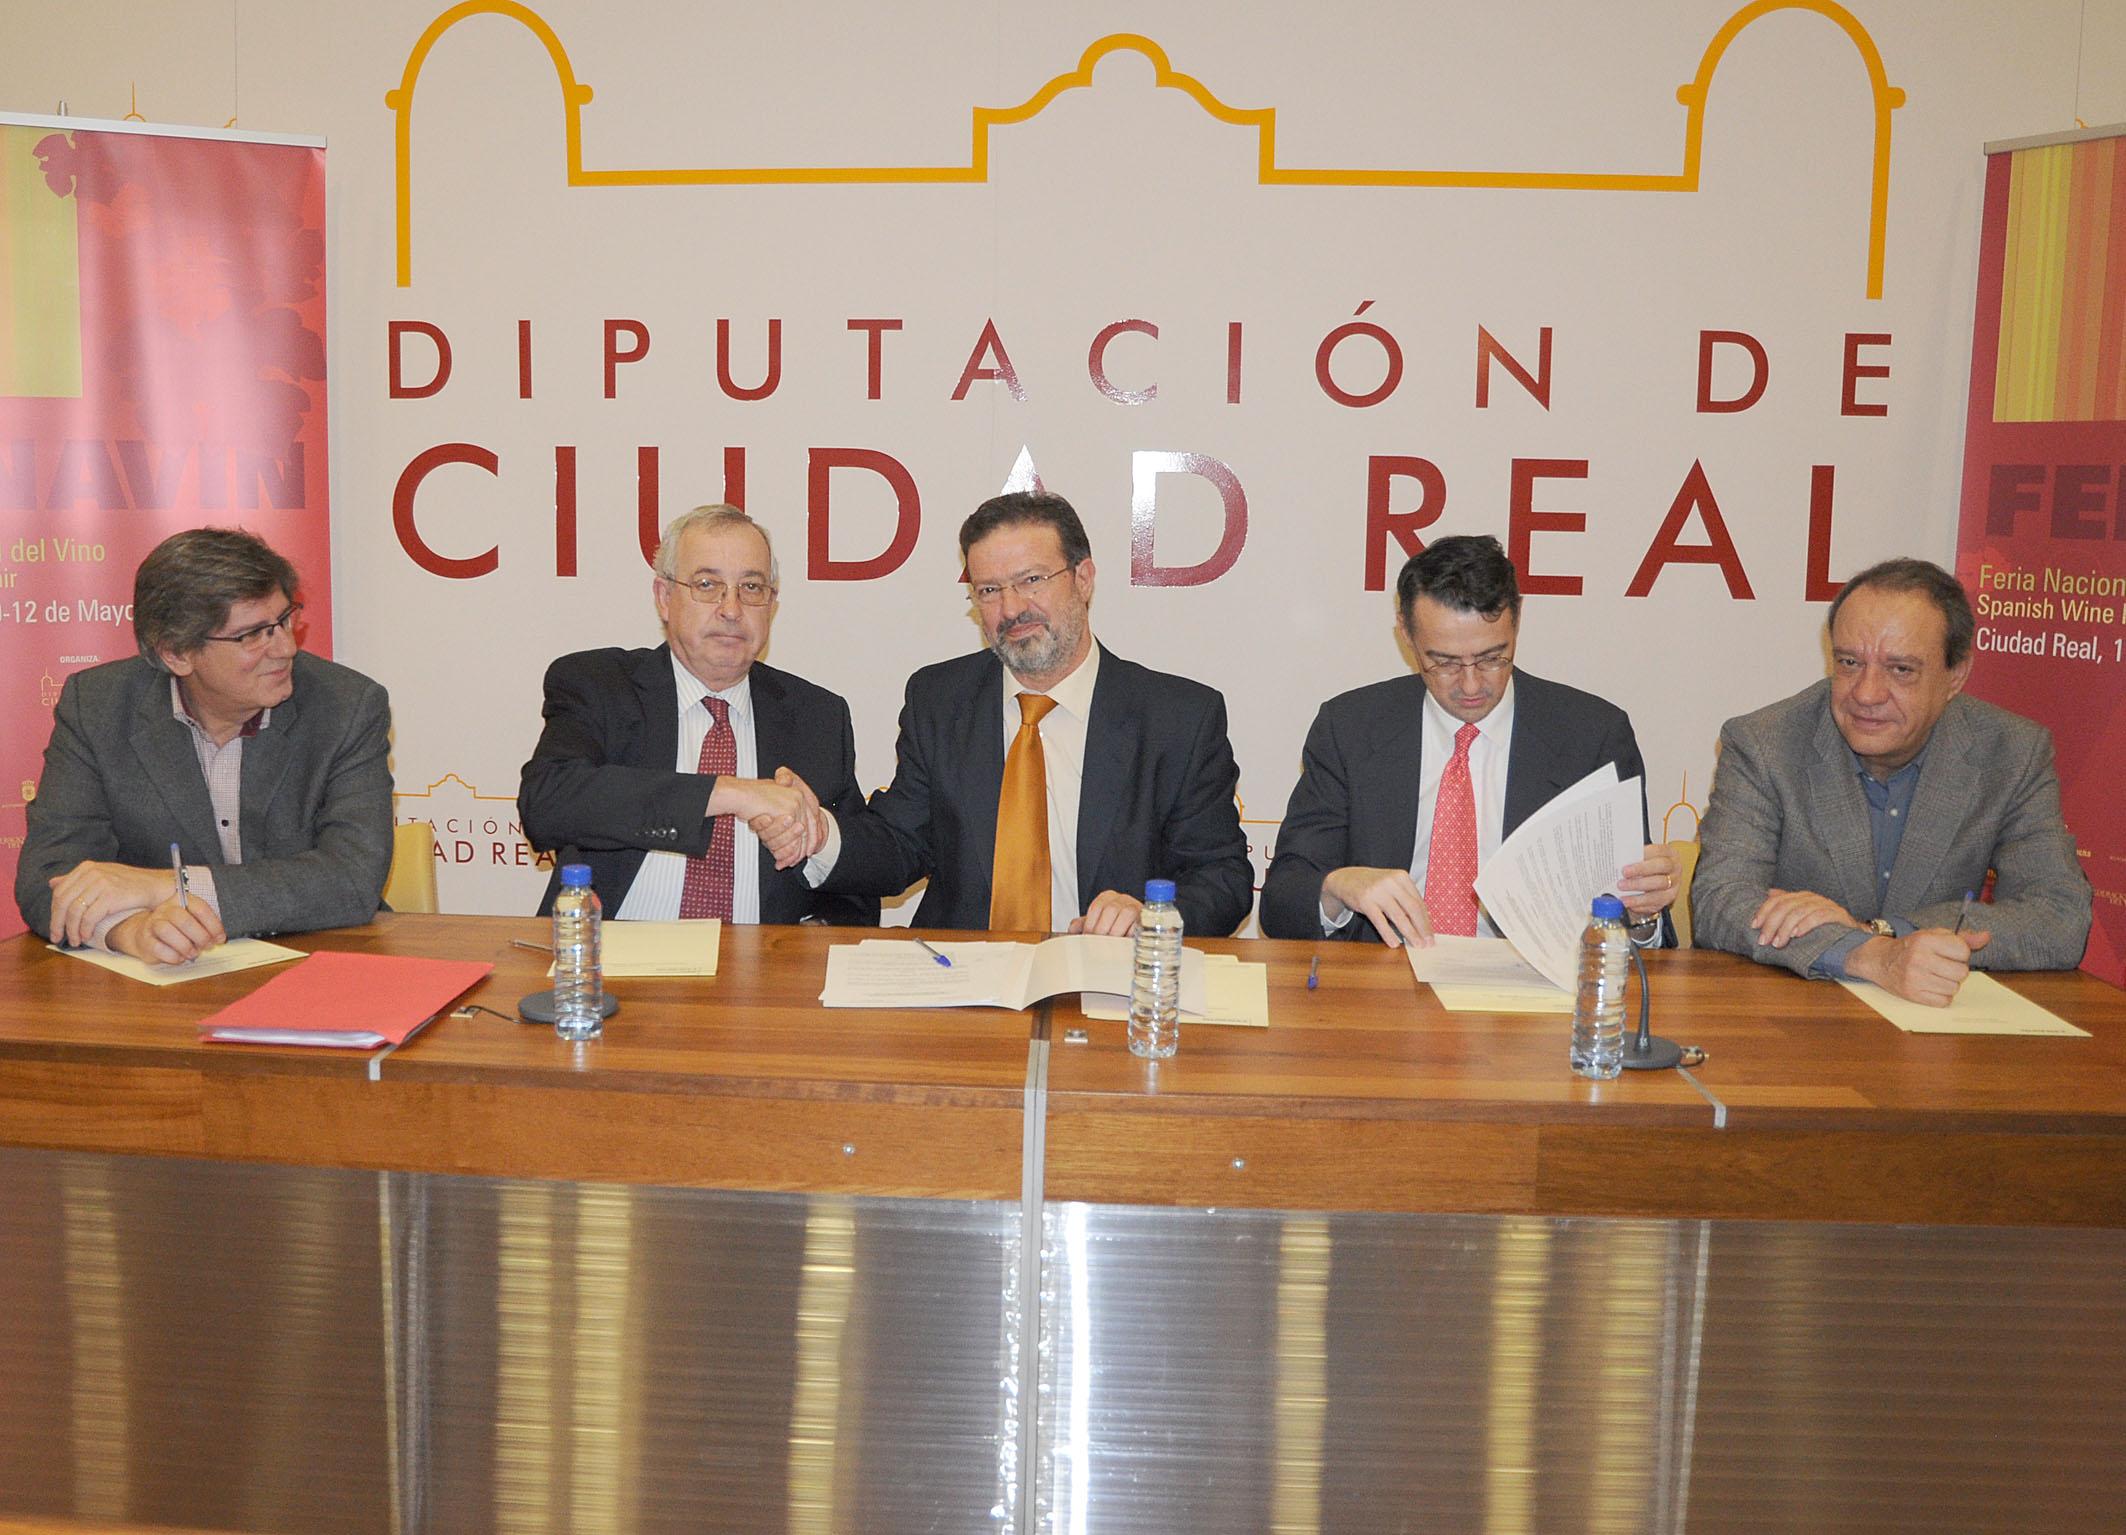 De izquierda a derecha, Ángel Amador, Félix Solís, Nemesio de Lara, Pau Roca y Manuel Juliá.